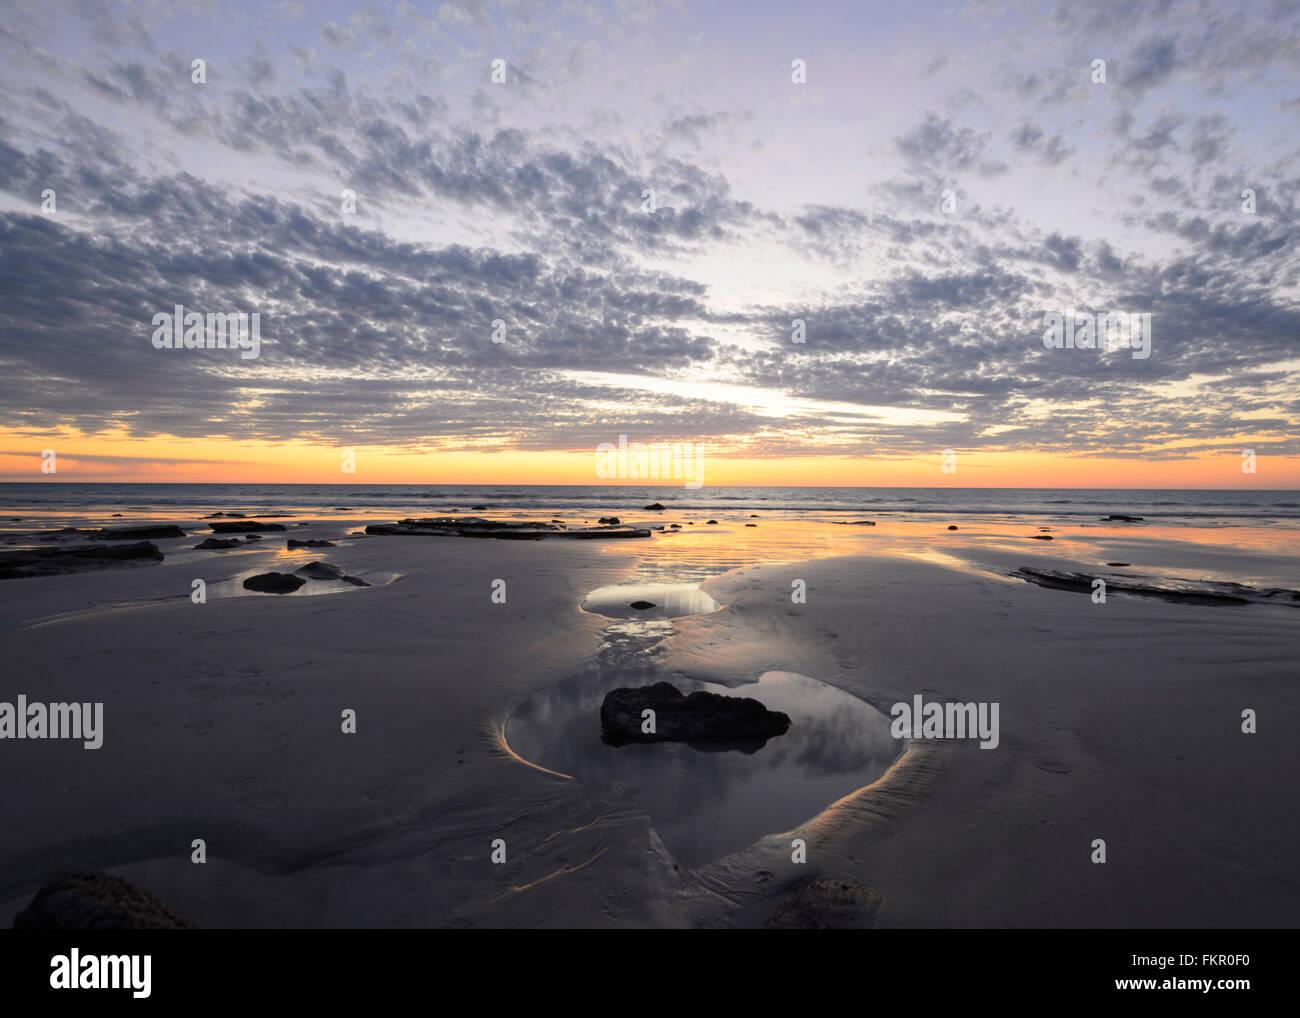 Puesta de sol, de la playa del Cable, Broome, región de Kimberley, en Australia Occidental, WA, Australia Imagen De Stock